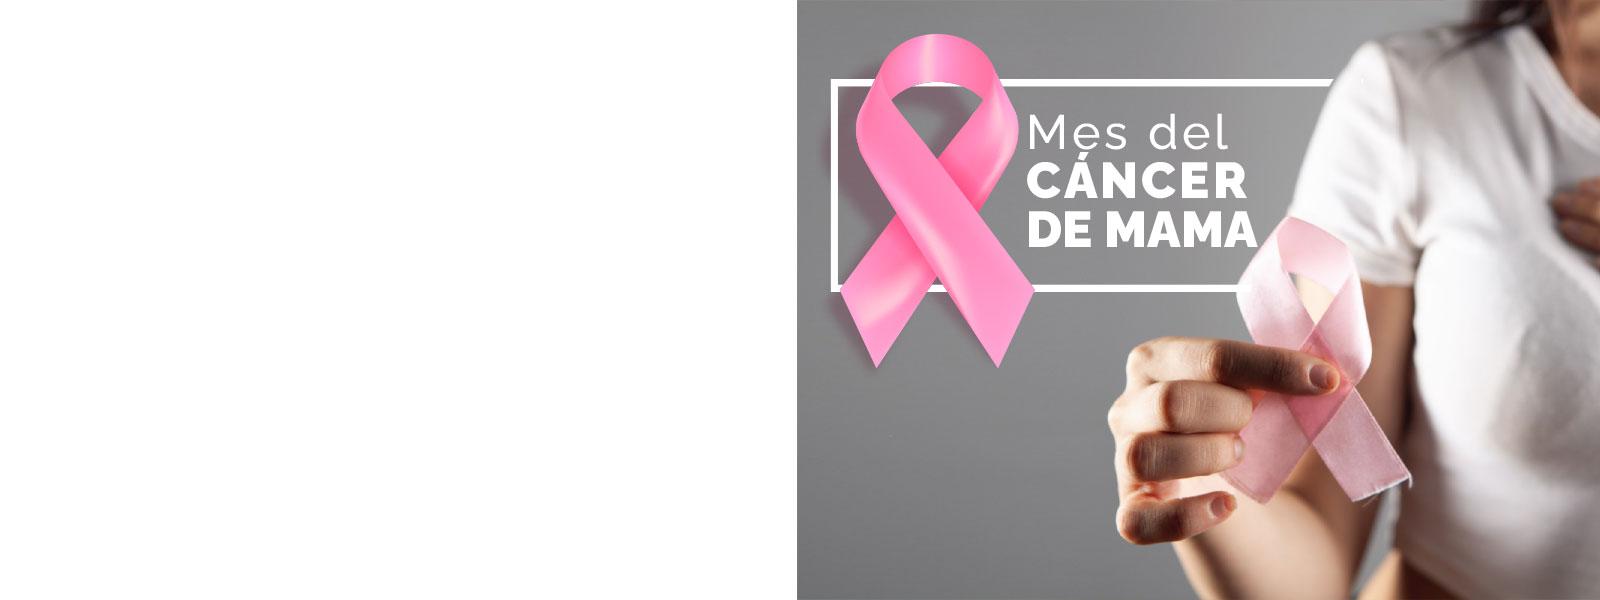 cancer-de-mama2